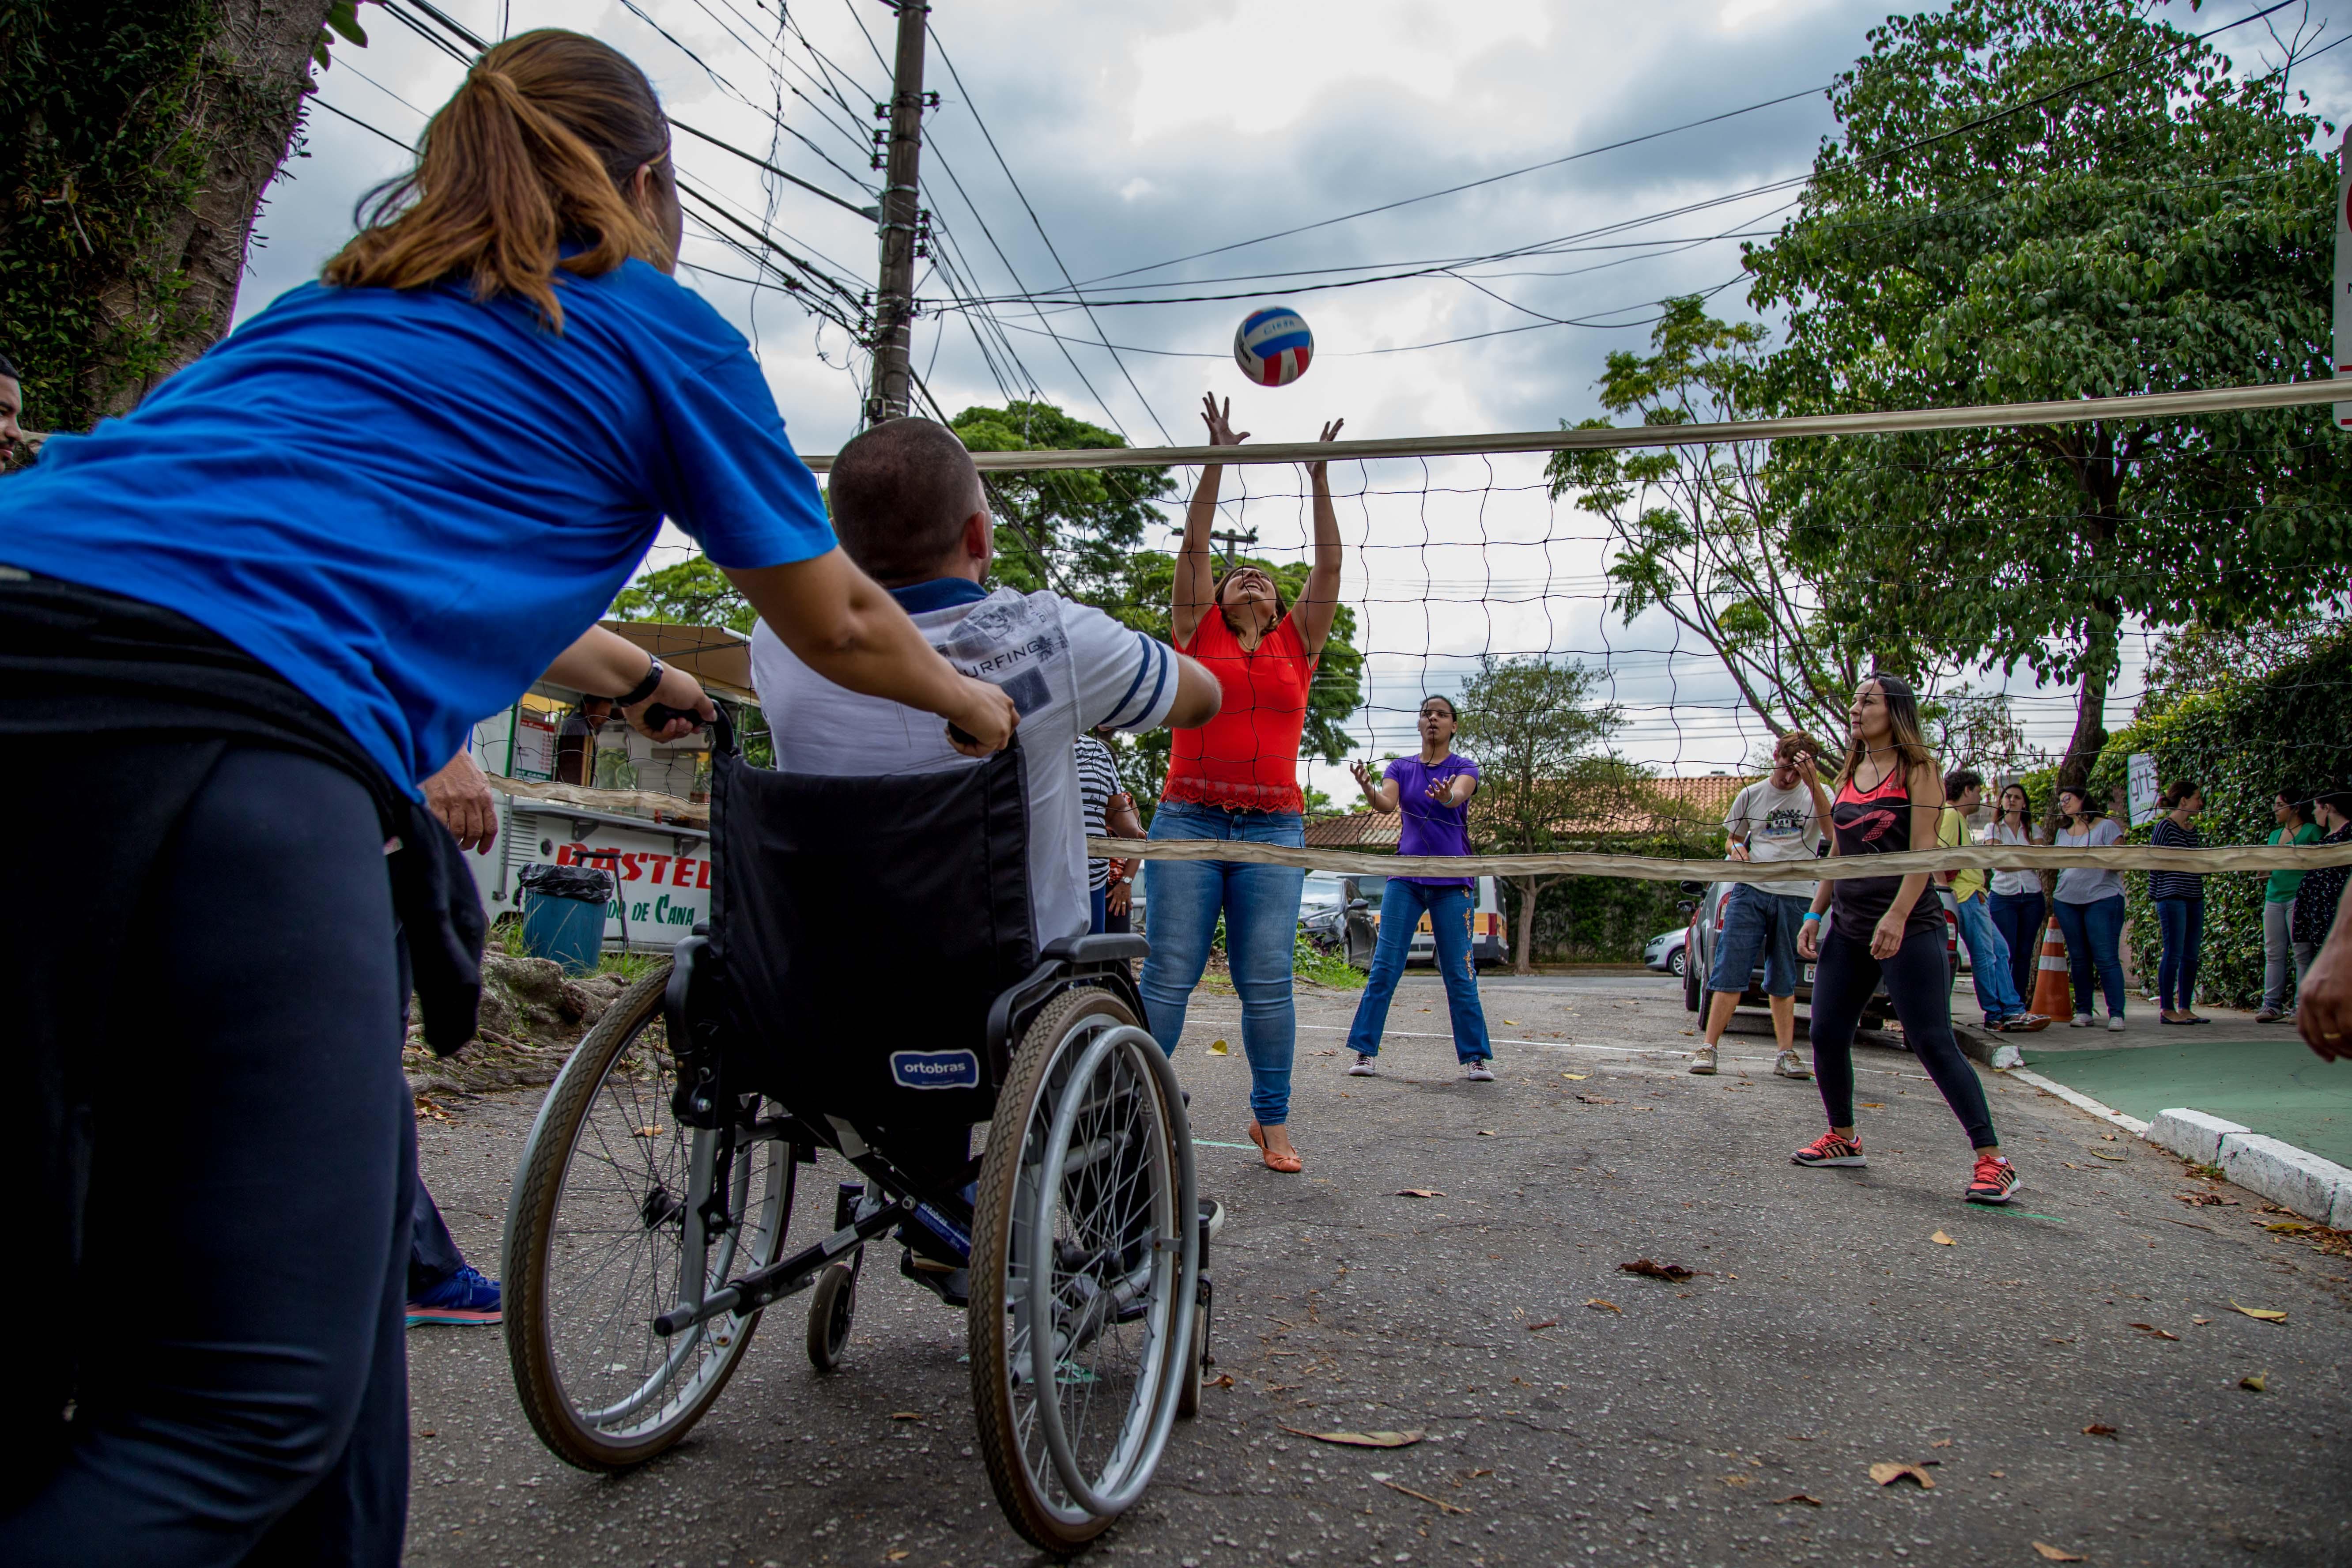 De costas para a imagem, professora empurra cadeira de rodas de aluno com deficiência física que espera recebimento de bola arremessada por outra estudante do lado oposto da rede pendurada na rua.